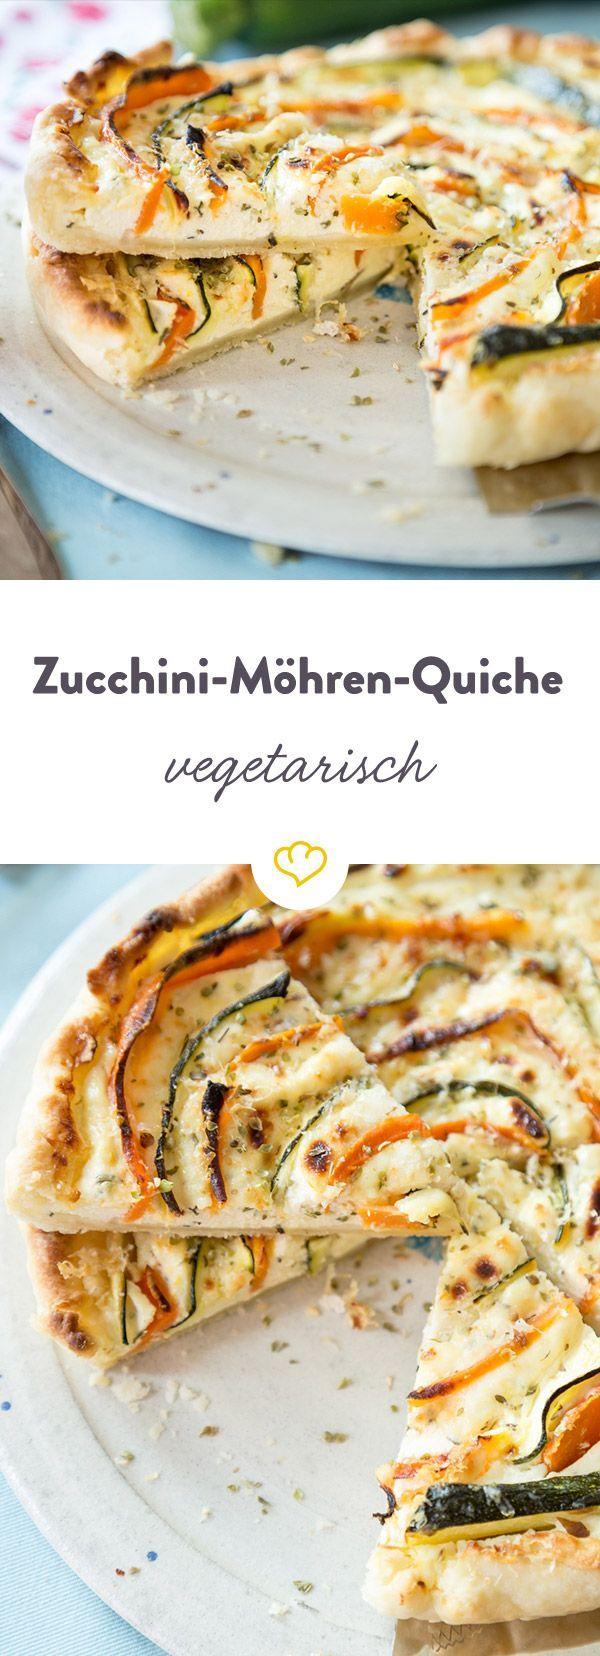 Zucchini-Möhren-Quiche #creamcheeserecipes